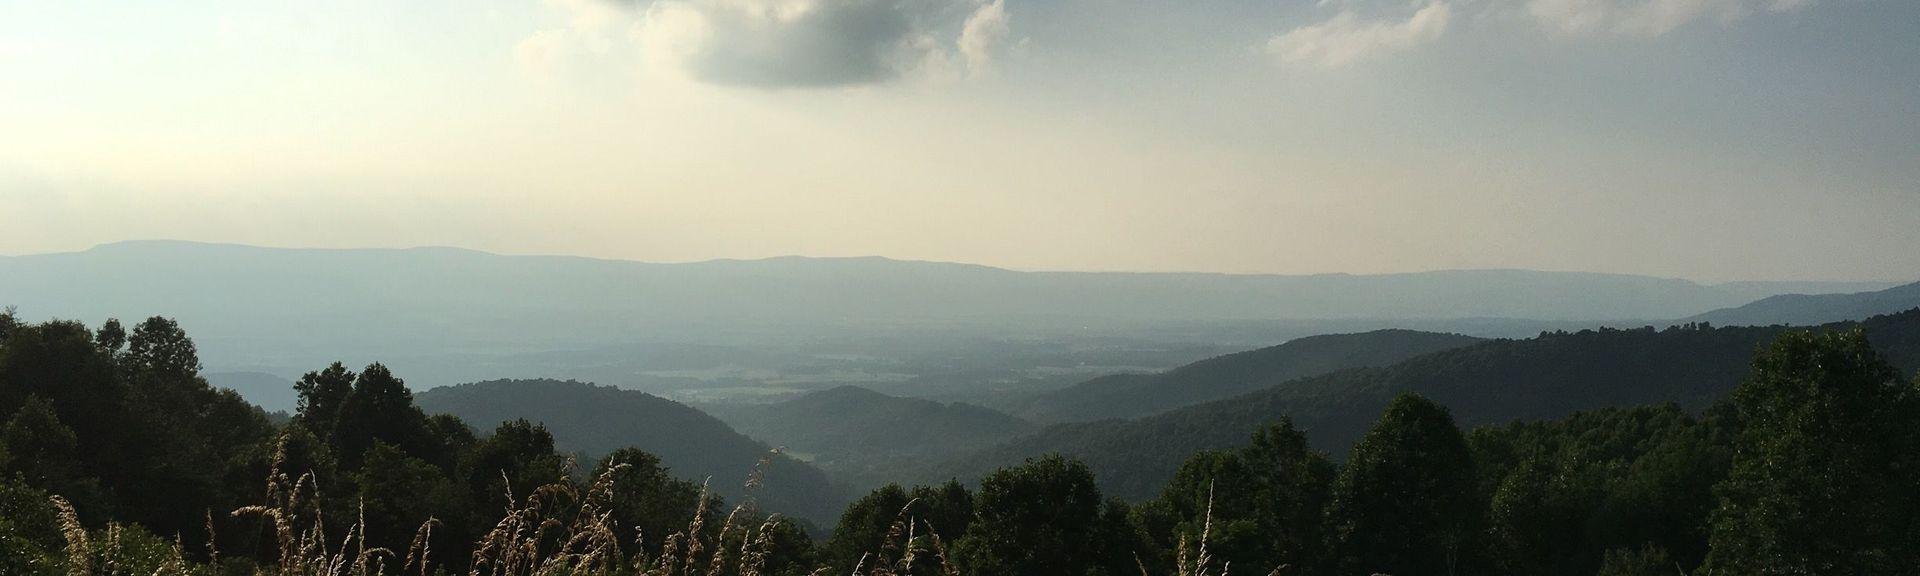 Stanardsville, Virginie, États-Unis d'Amérique